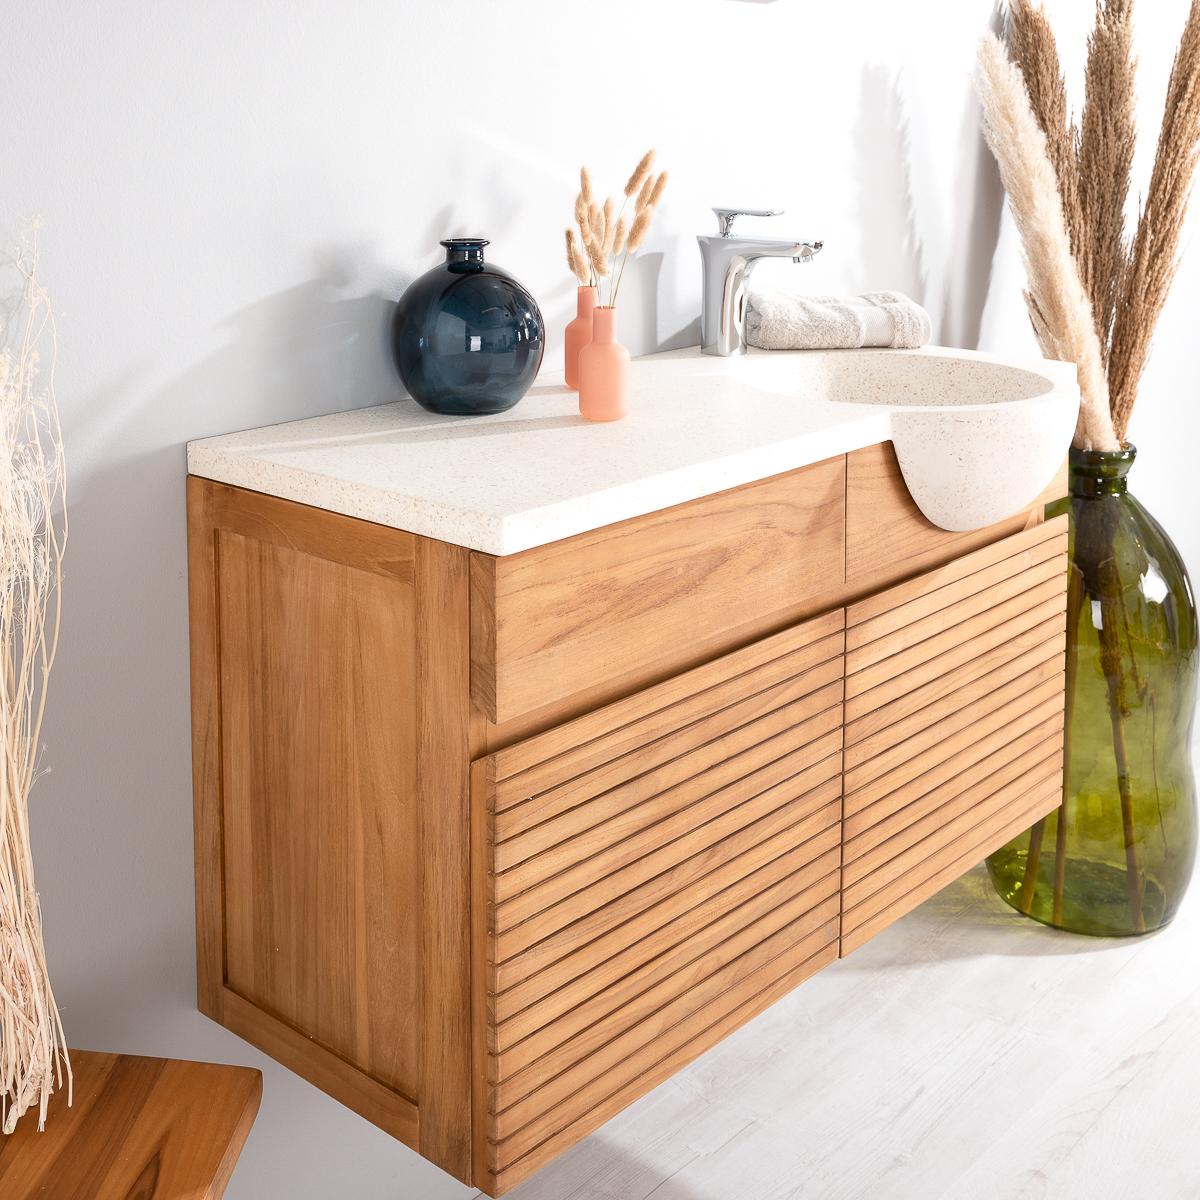 Meuble sous vasque simple vasque suspendu en bois teck massif vasque en pierre naturelle - Mitigeur haut salle de bain ...